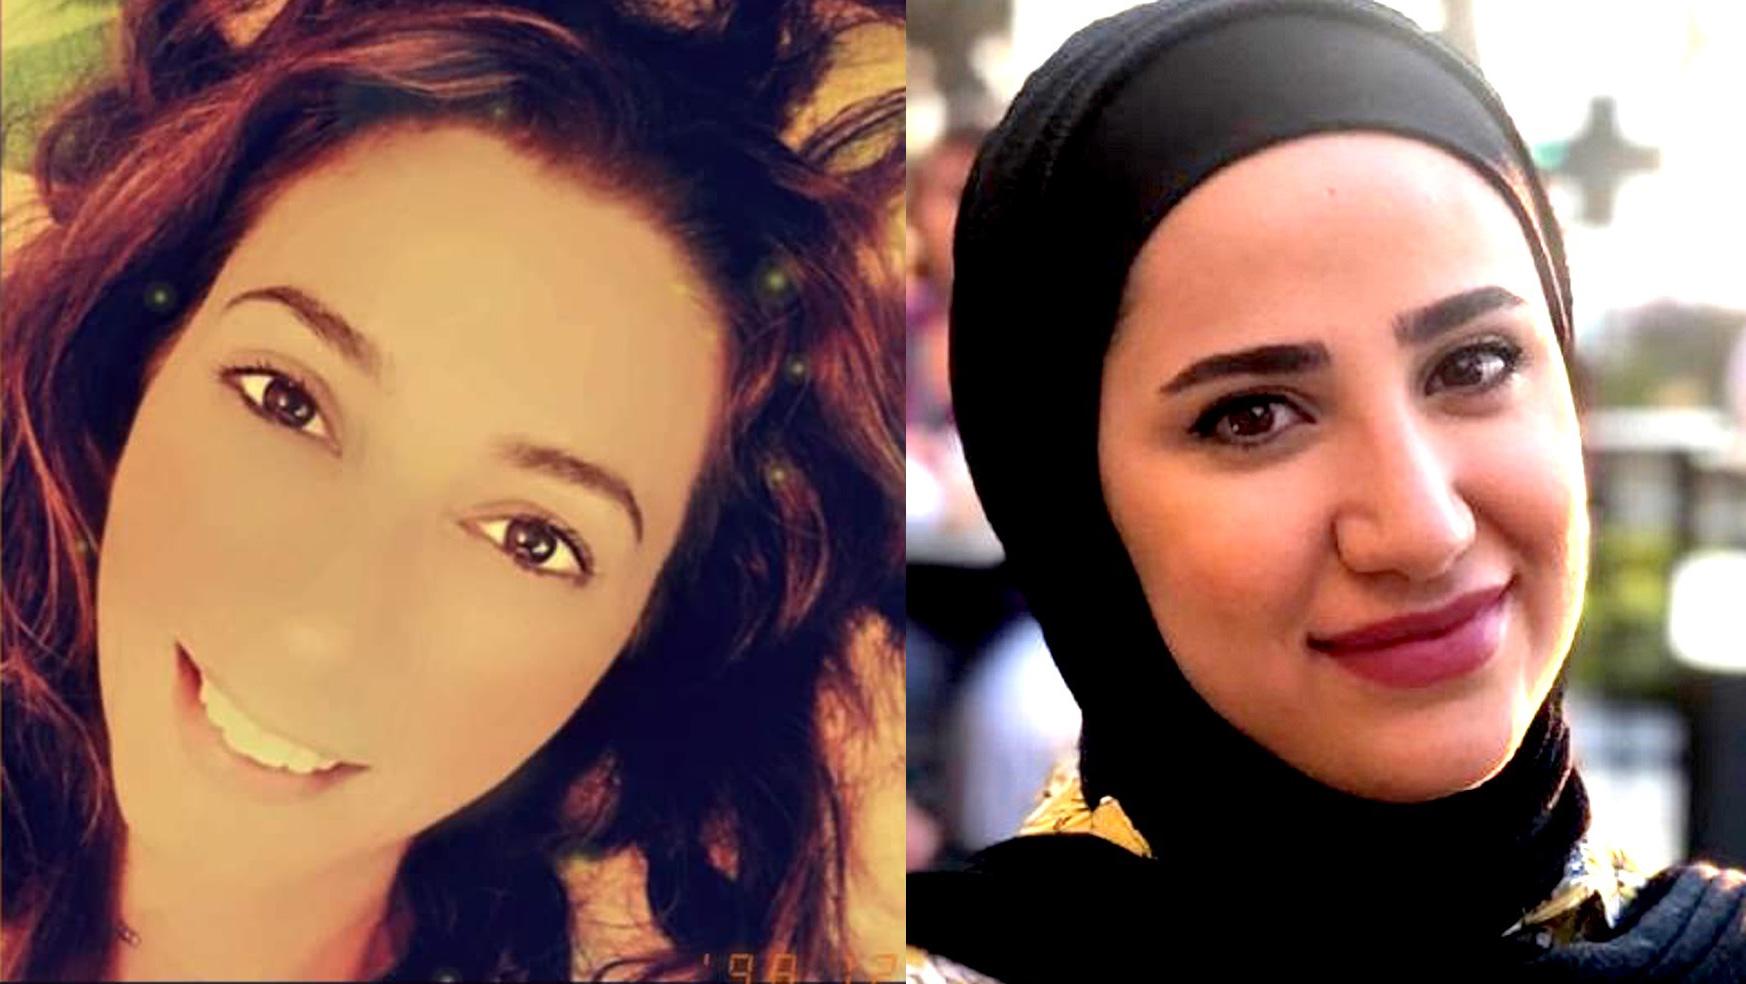 منهم من رحل ومنهم من انتصر ومنهم من لا يزال ينتظر (1/2): 4 قصص لعالقين في الغيبوبة منذ تفجير 4 آب